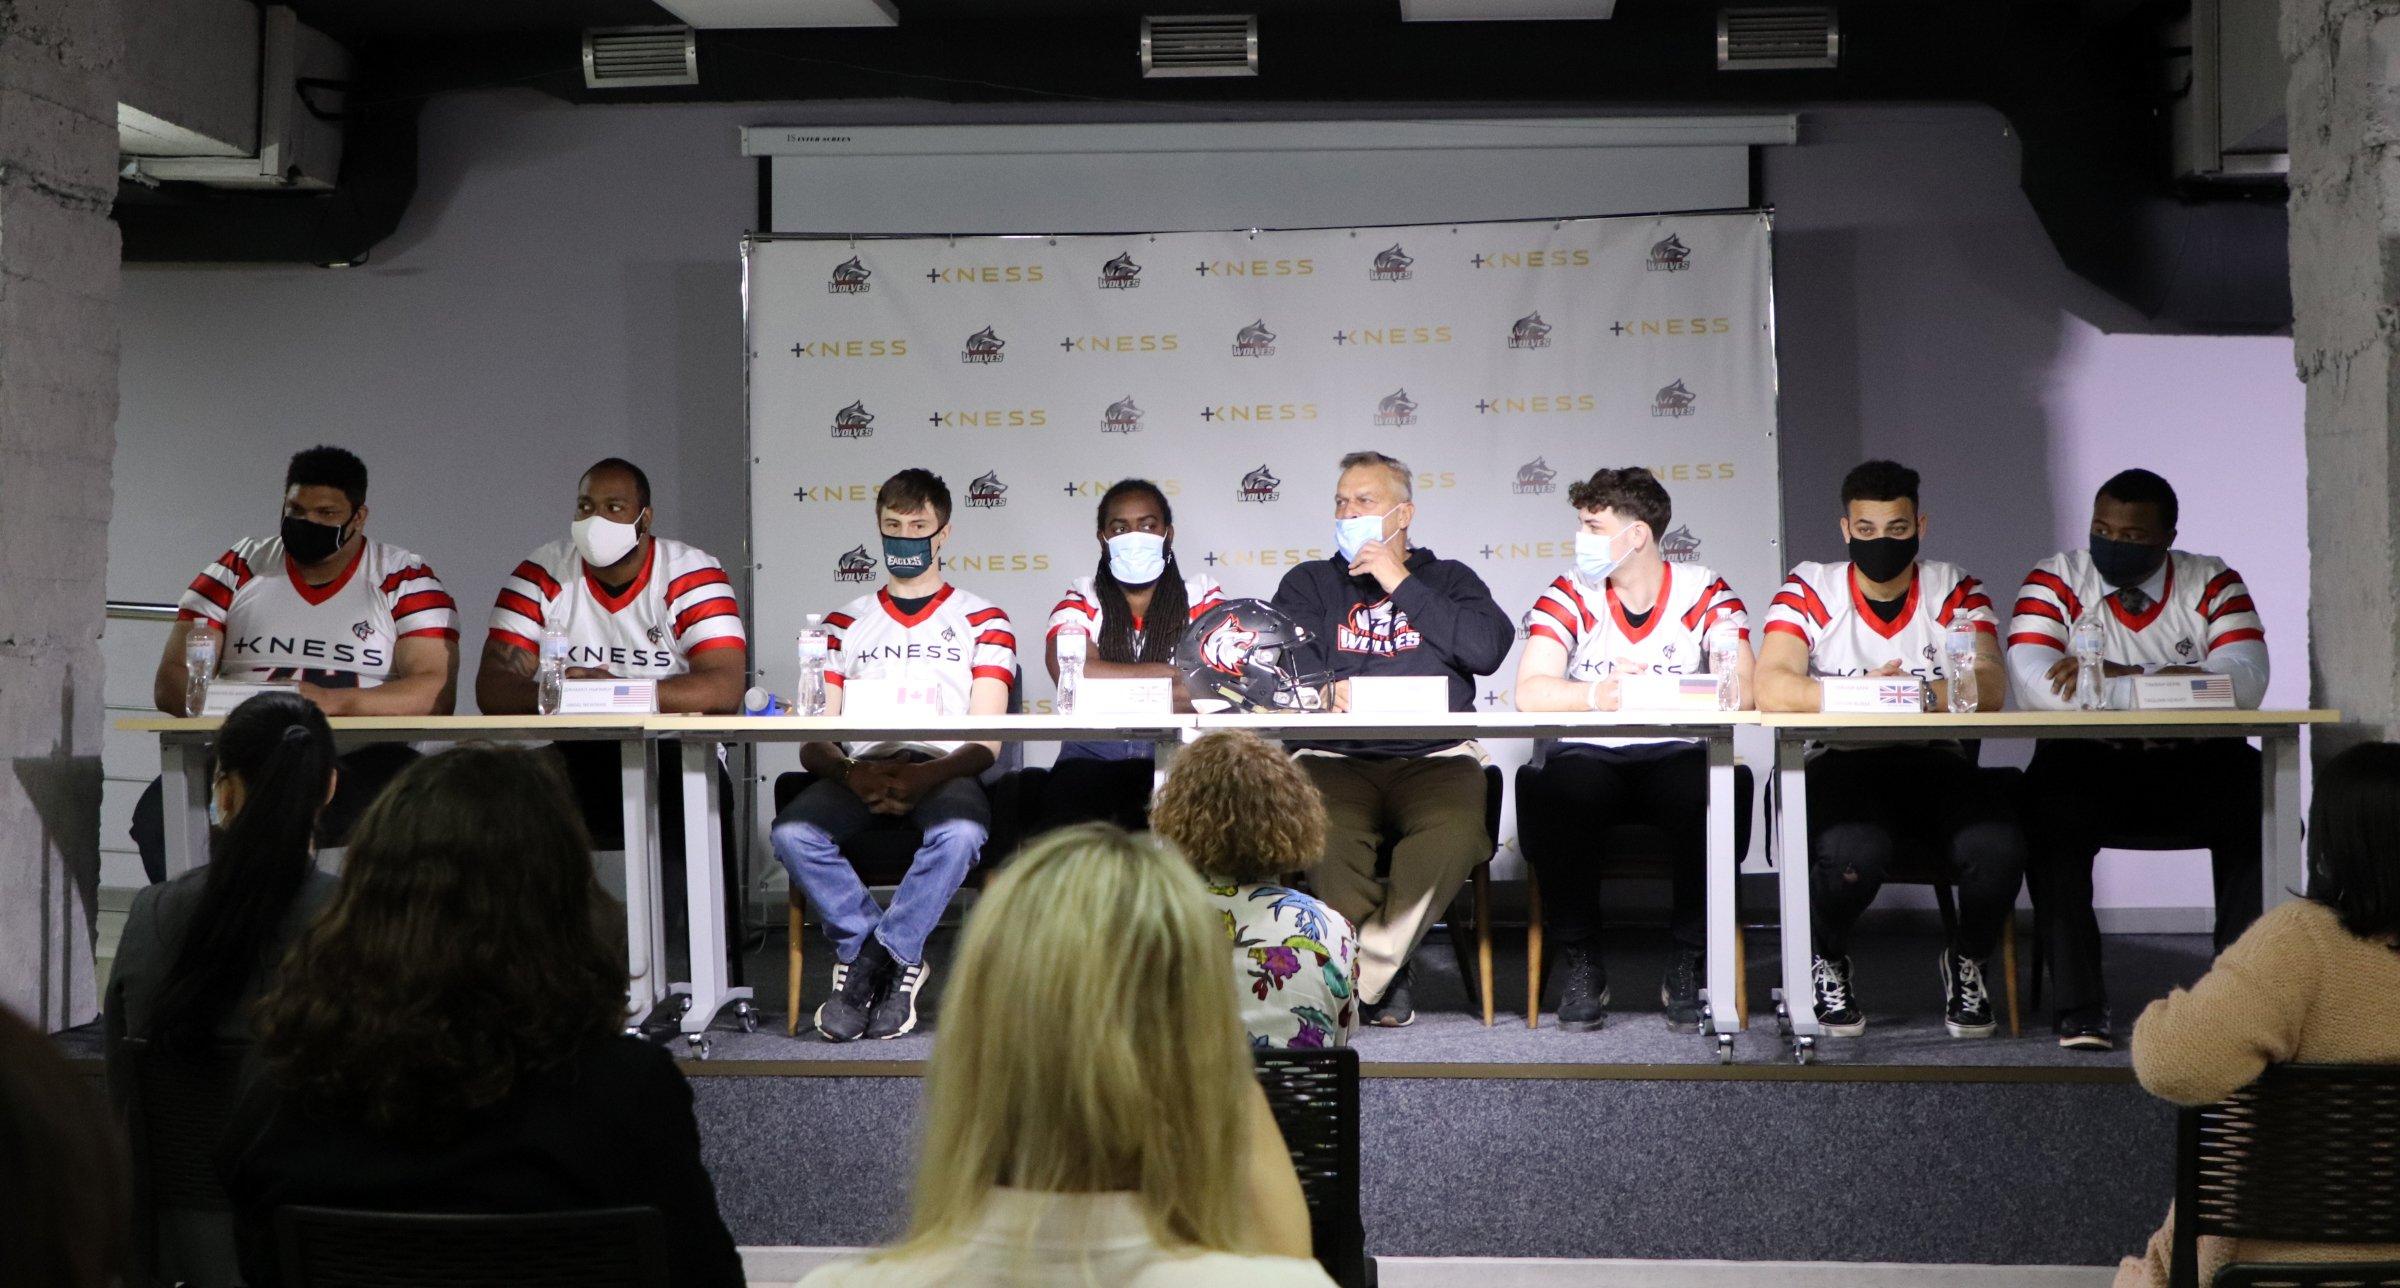 У Вінниці презентували міжнародних футболістів, які цьогоріч гратимуть за місцеву команду в чемпіонаті України